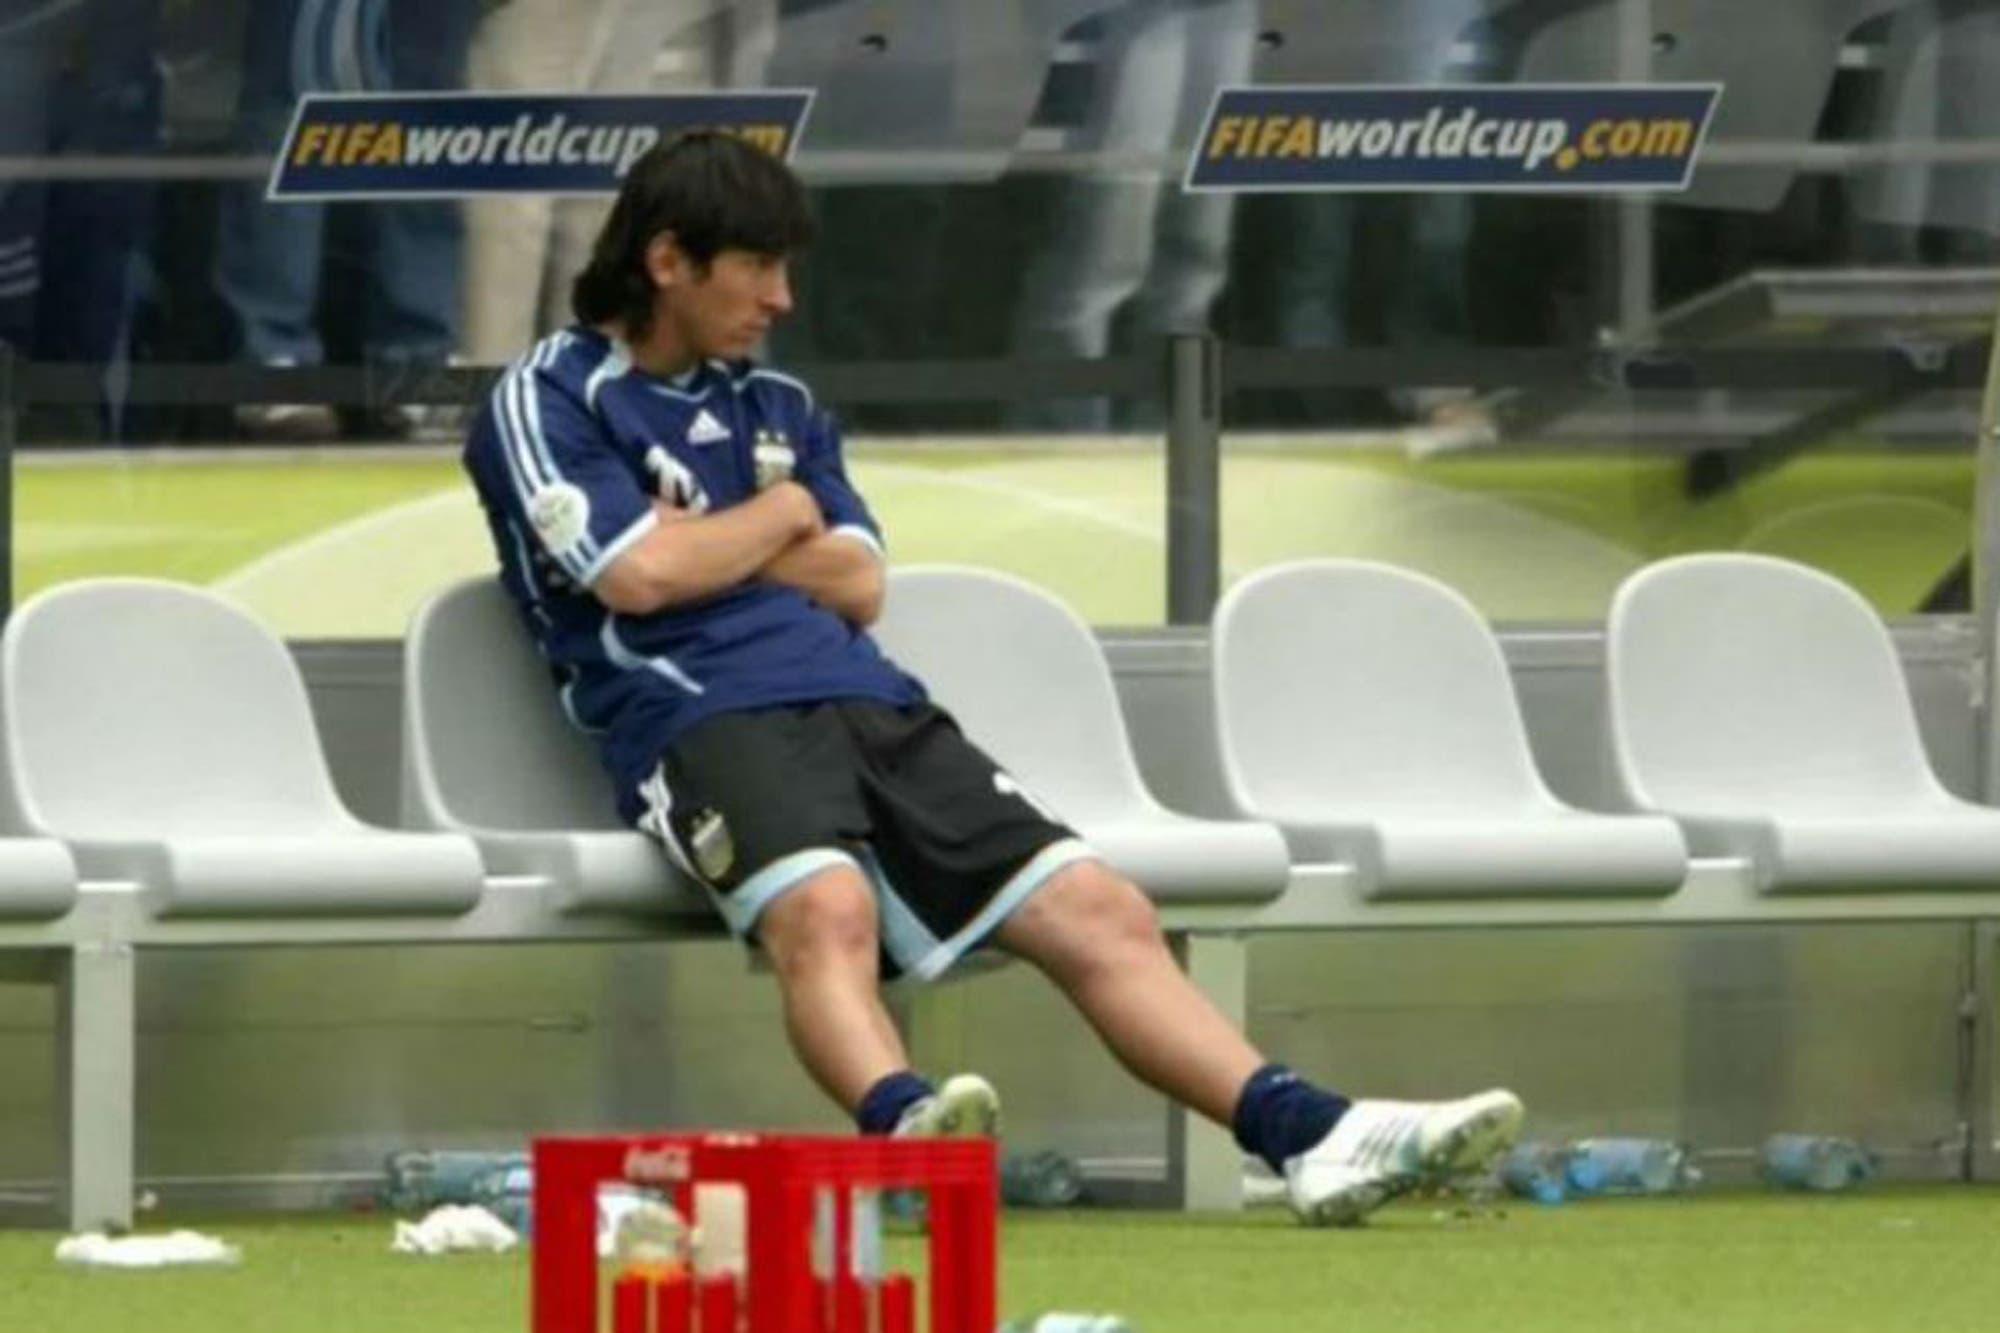 """La revelación del Mundial 2006: """"Pekerman es un caballero, Messi casi no podía correr contra Alemania"""""""